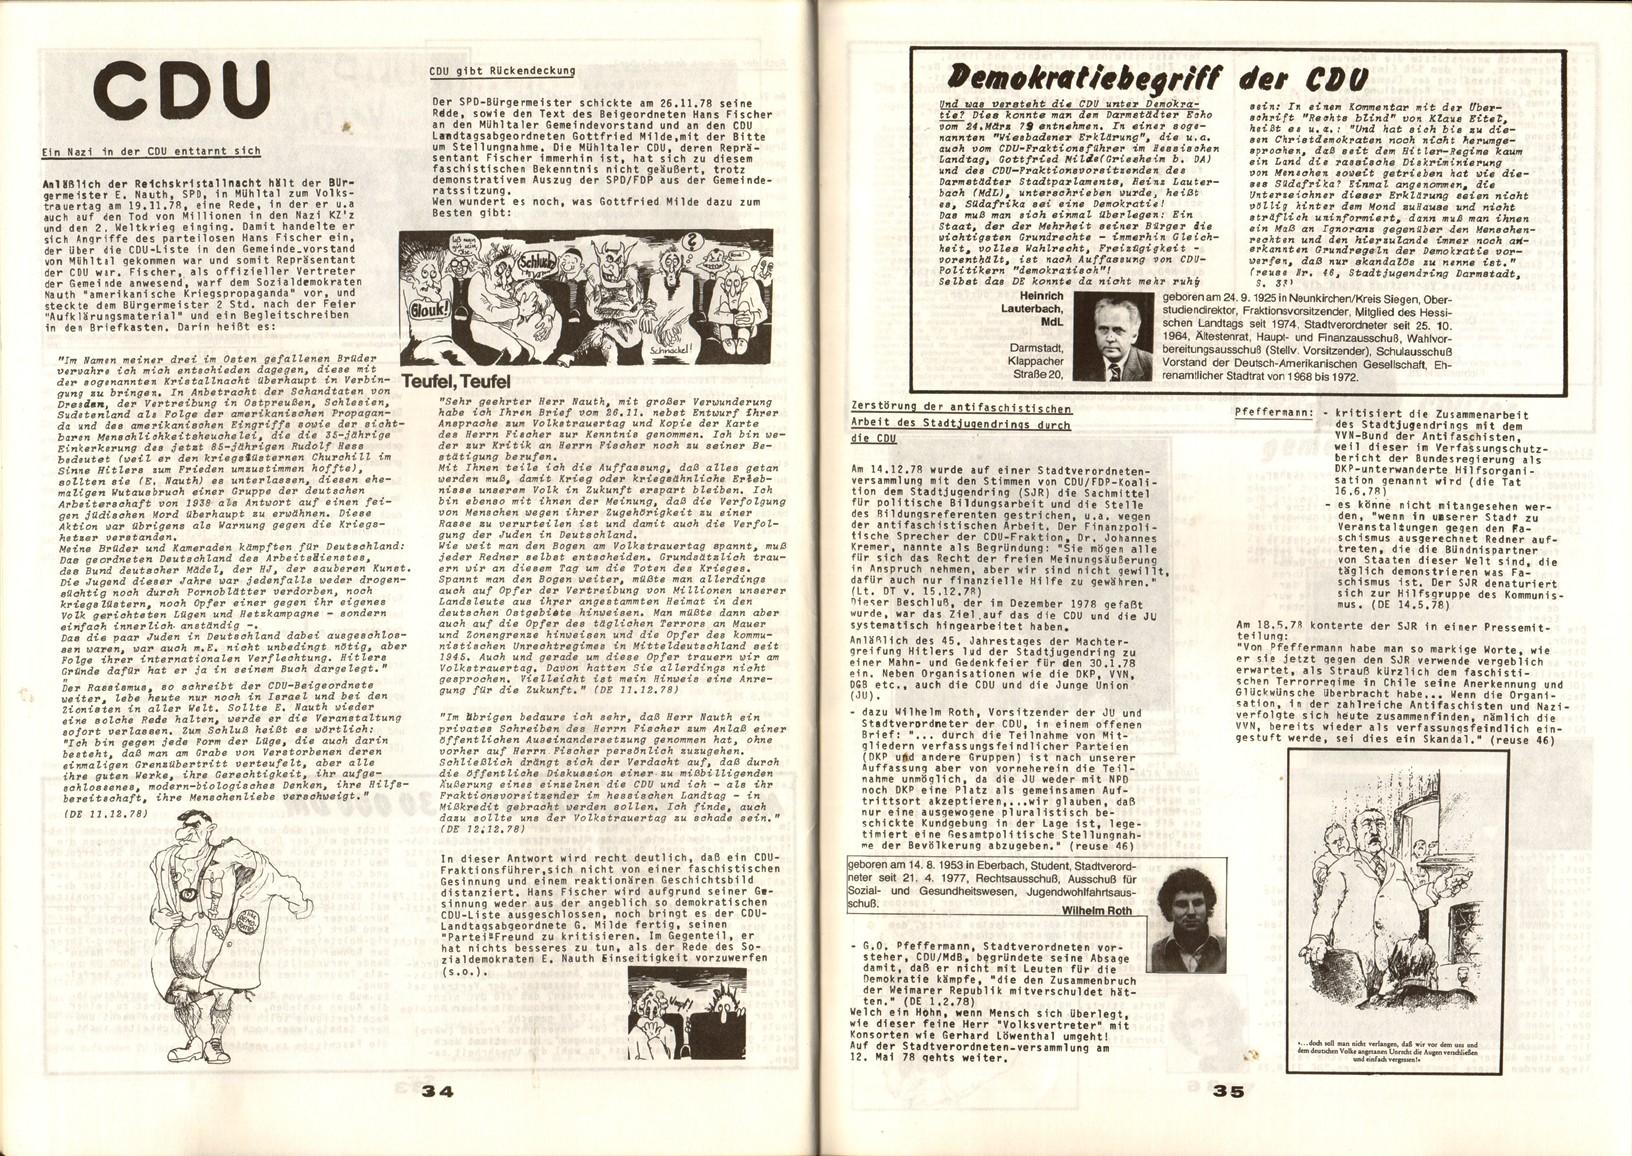 Darmstadt_KB_1979_Faschisten_und_ihr_Umfeld_19